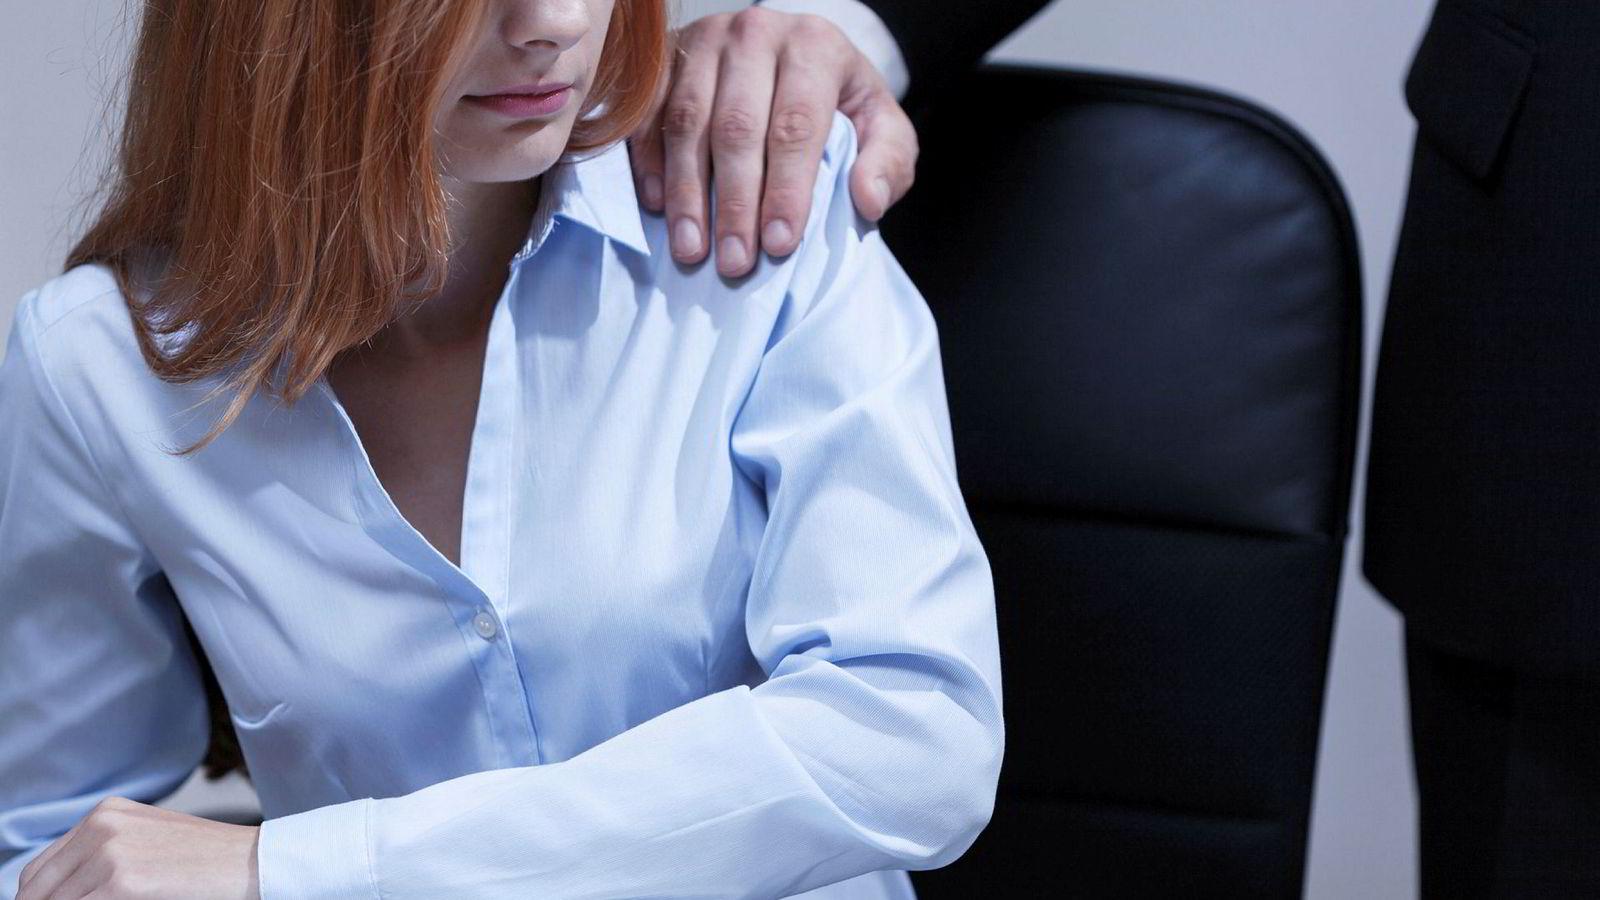 Selv om en del av skandalene fra Metoo nå har blåst over, betyr ikke dette at problemene med trakassering på arbeidsplasser er over, skriver innleggsforfatteren.